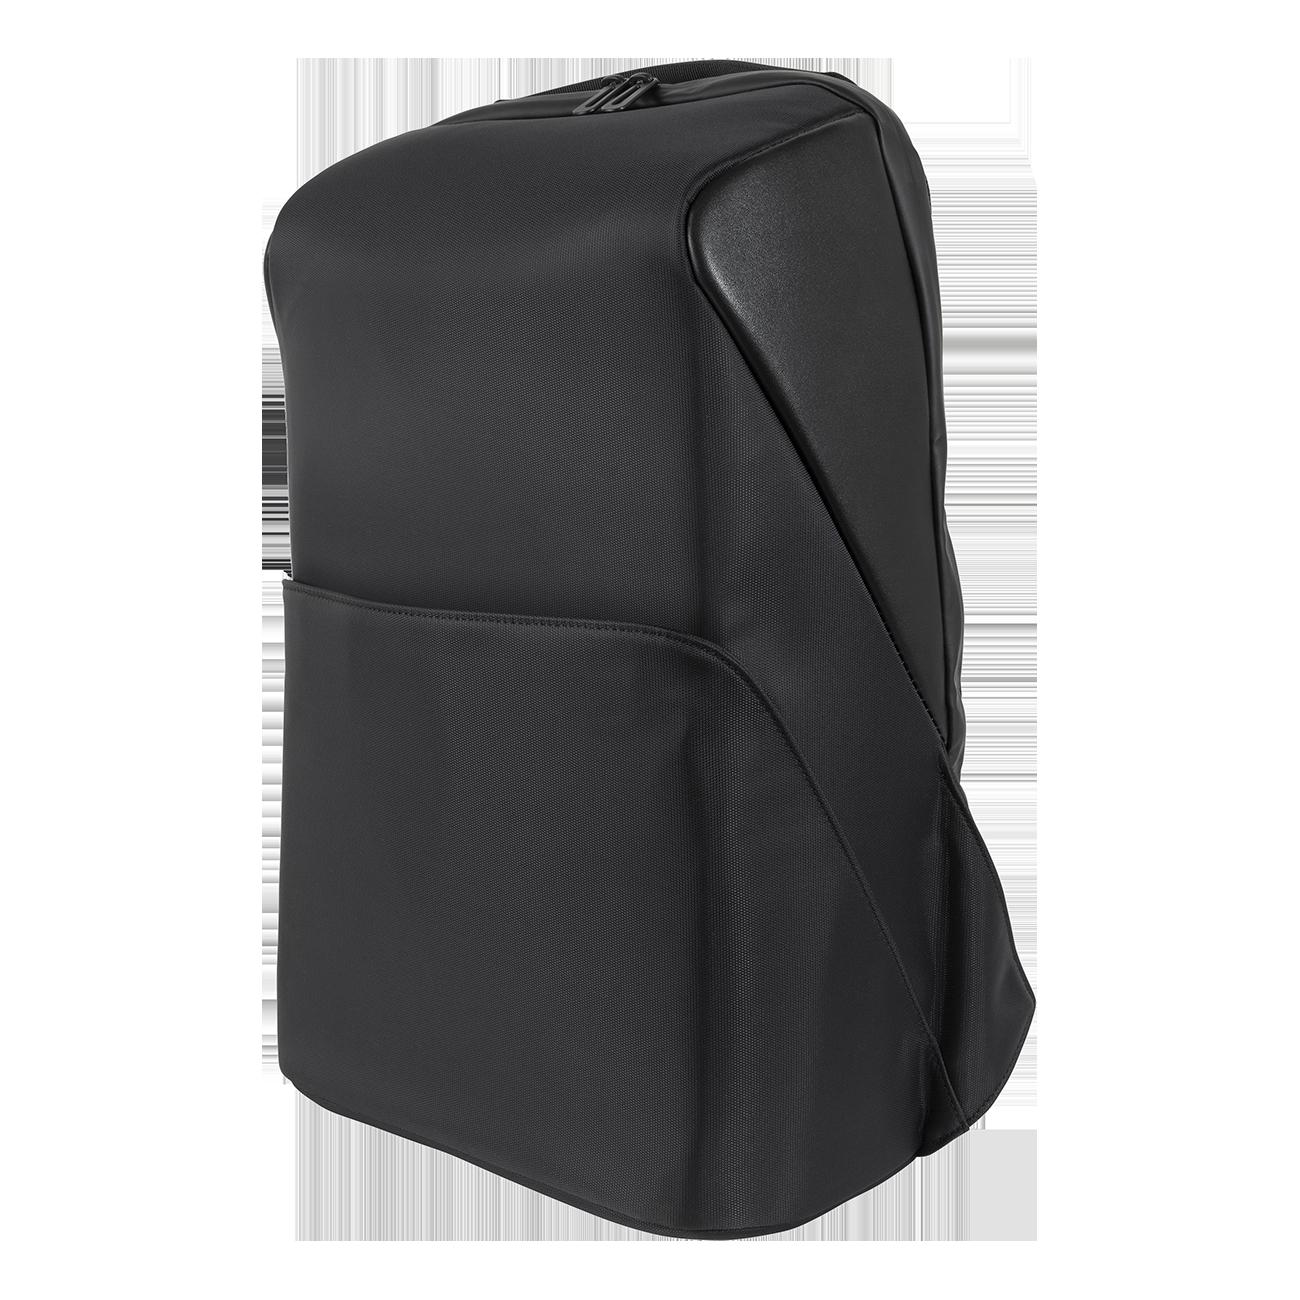 DELTACO Office ryggsäck till laptops upp till 15.6